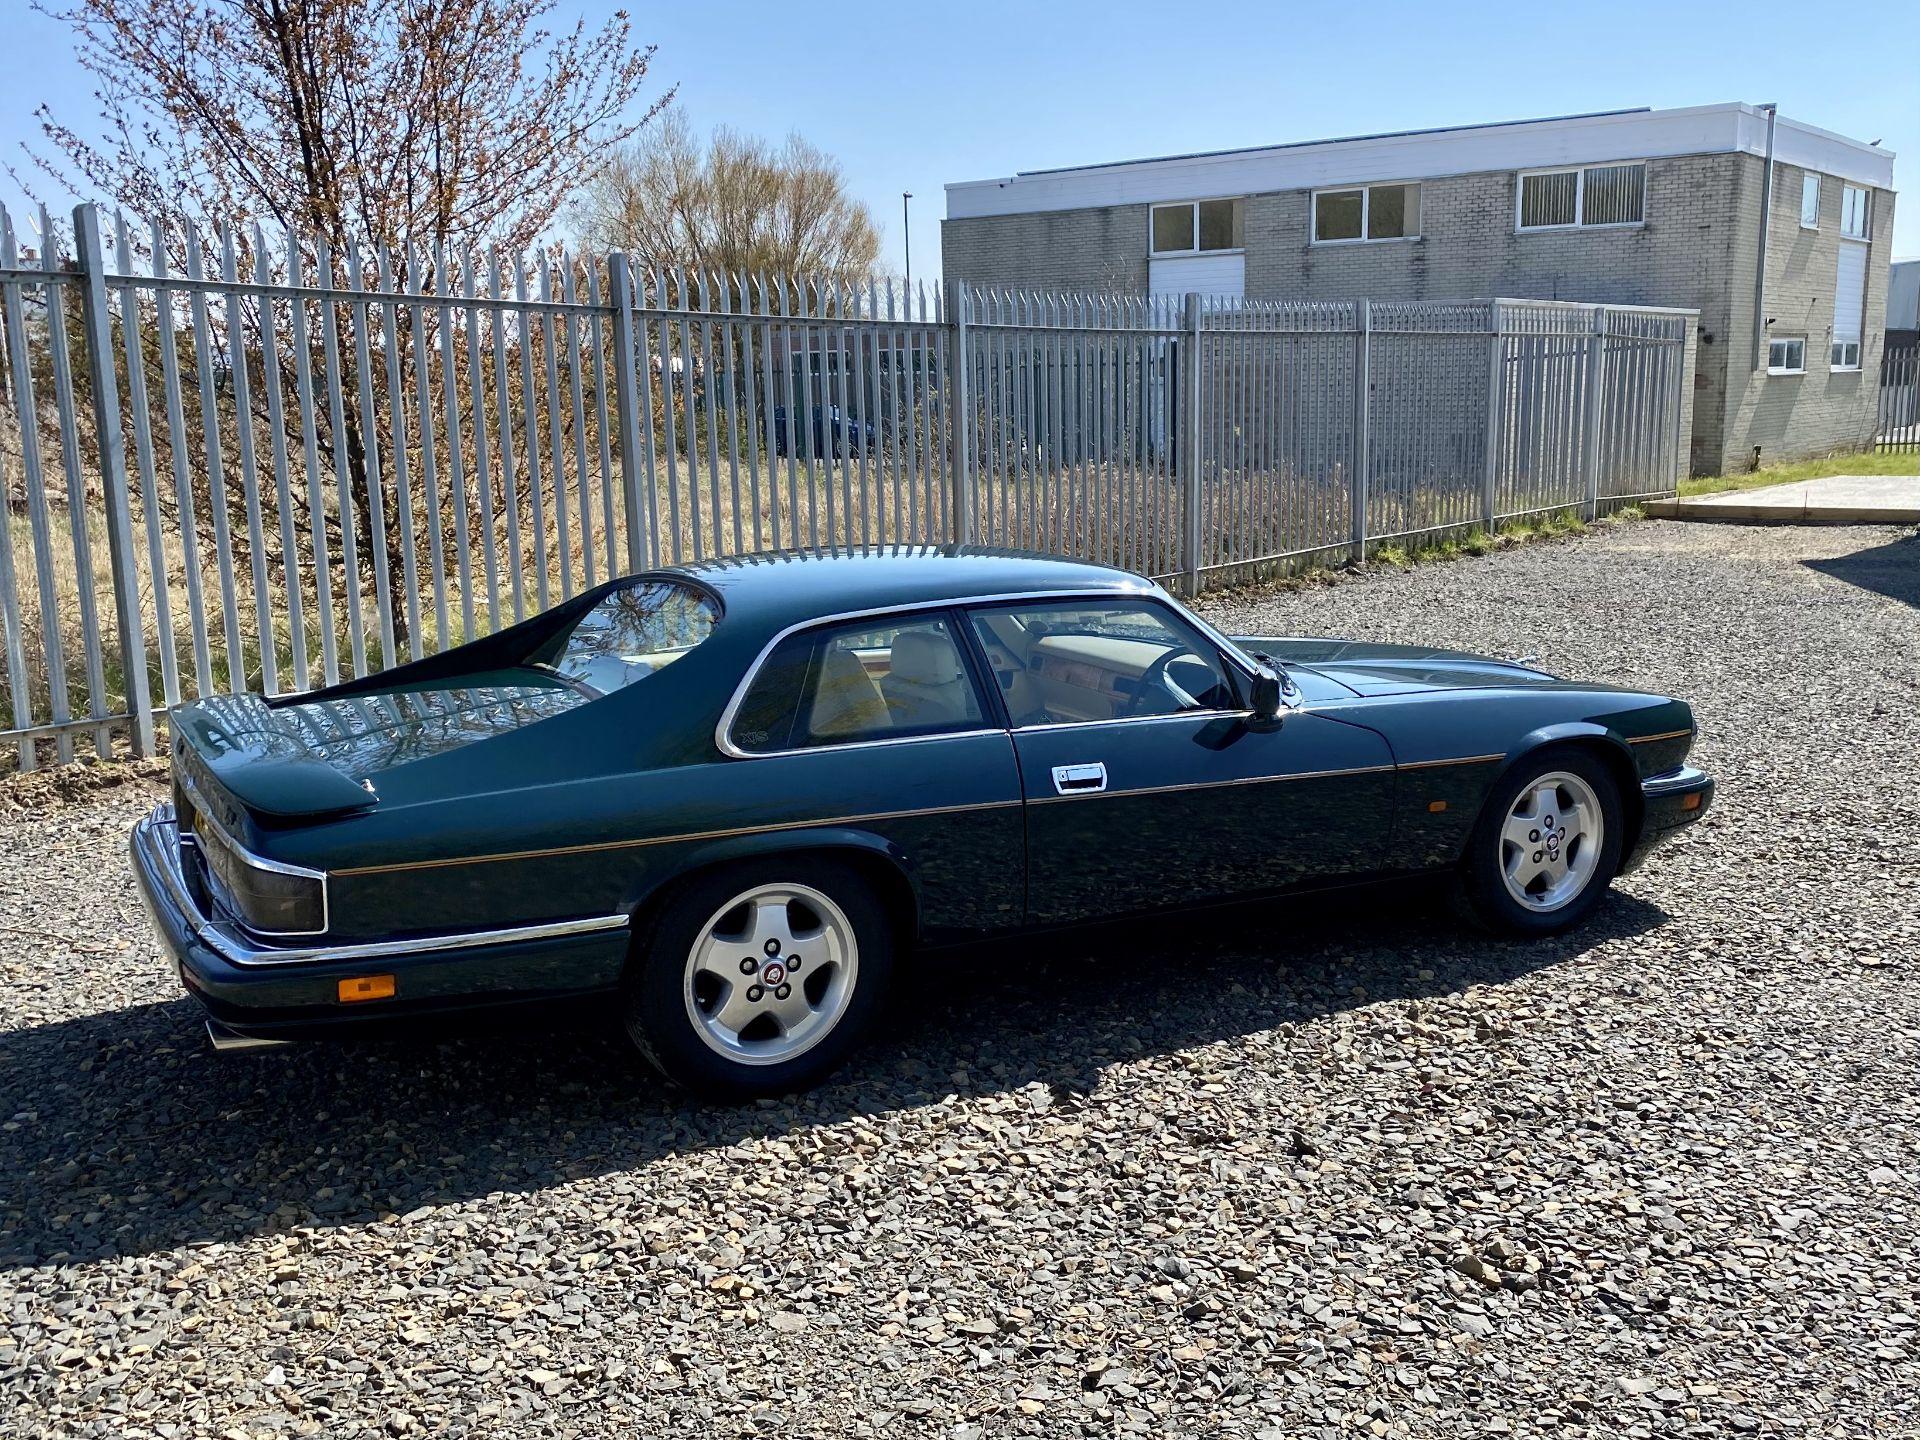 Jaguar XJS coupe - Image 5 of 64